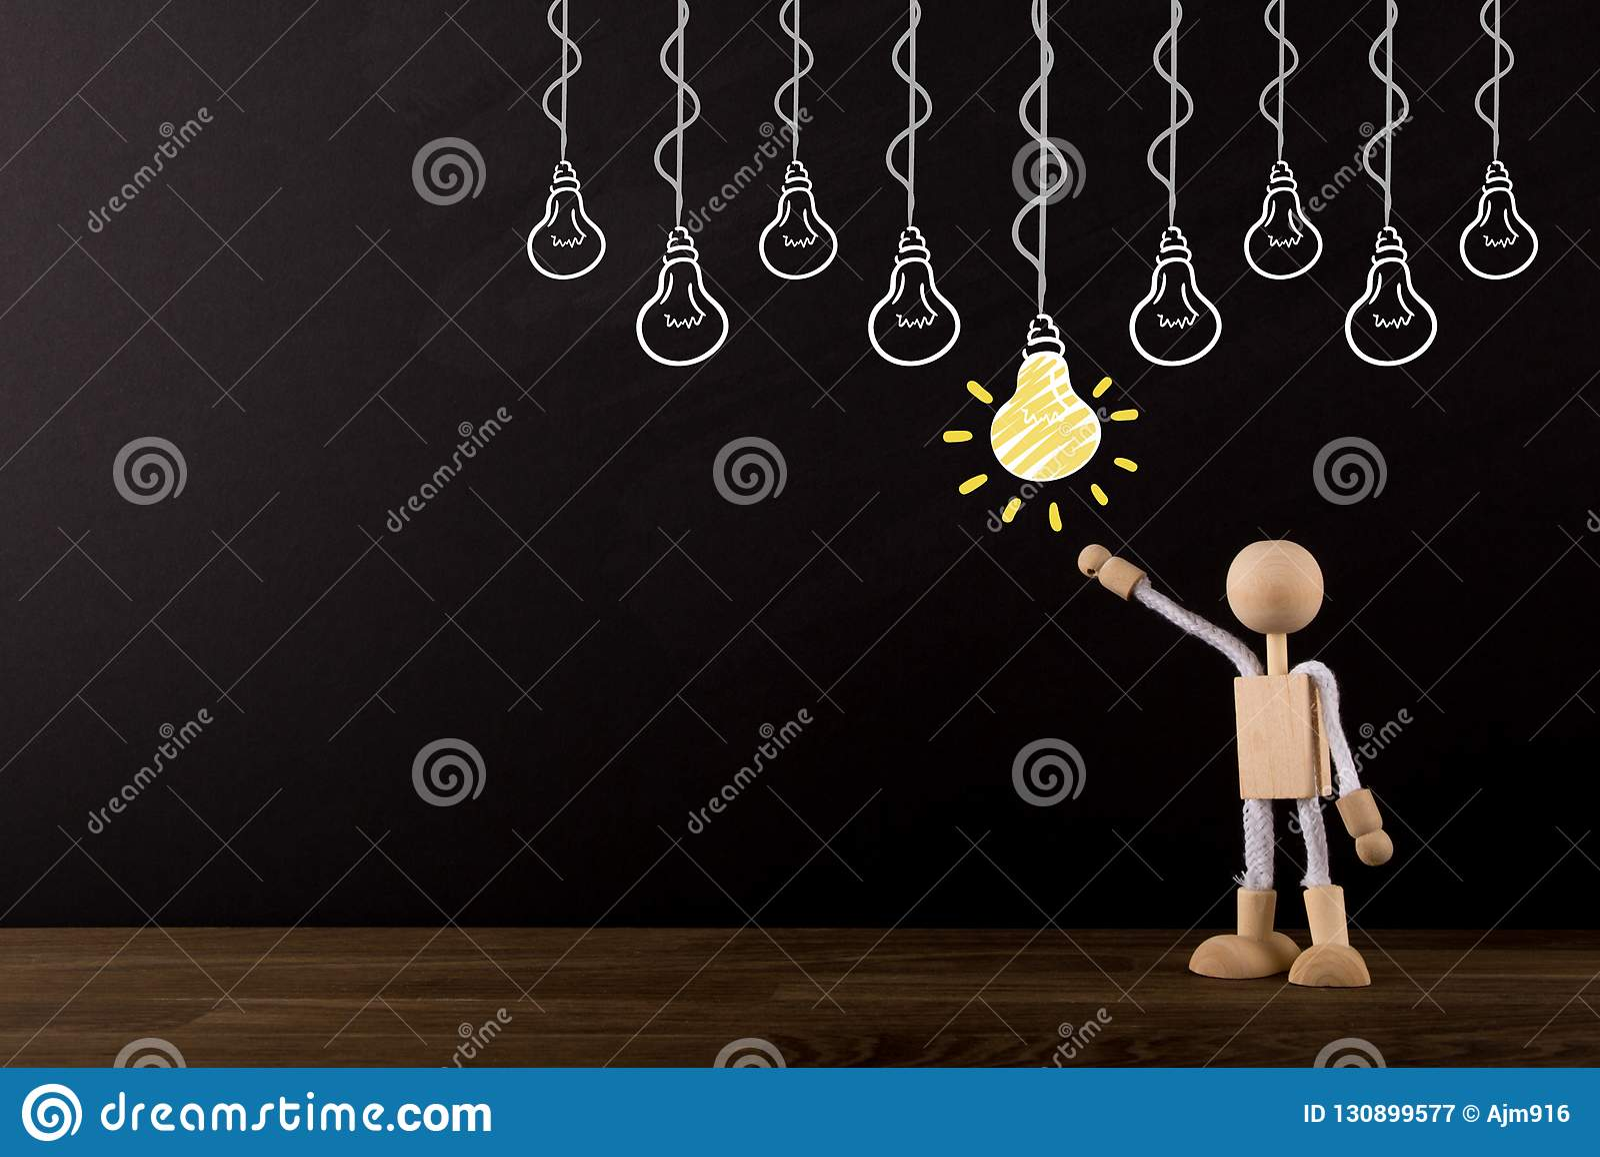 Pomysłu pojęcie, wybiera najlepszy pomysł, Brainstorming, Nowatorska Drewniana kij postać wskazuje przy żółtą żarówką